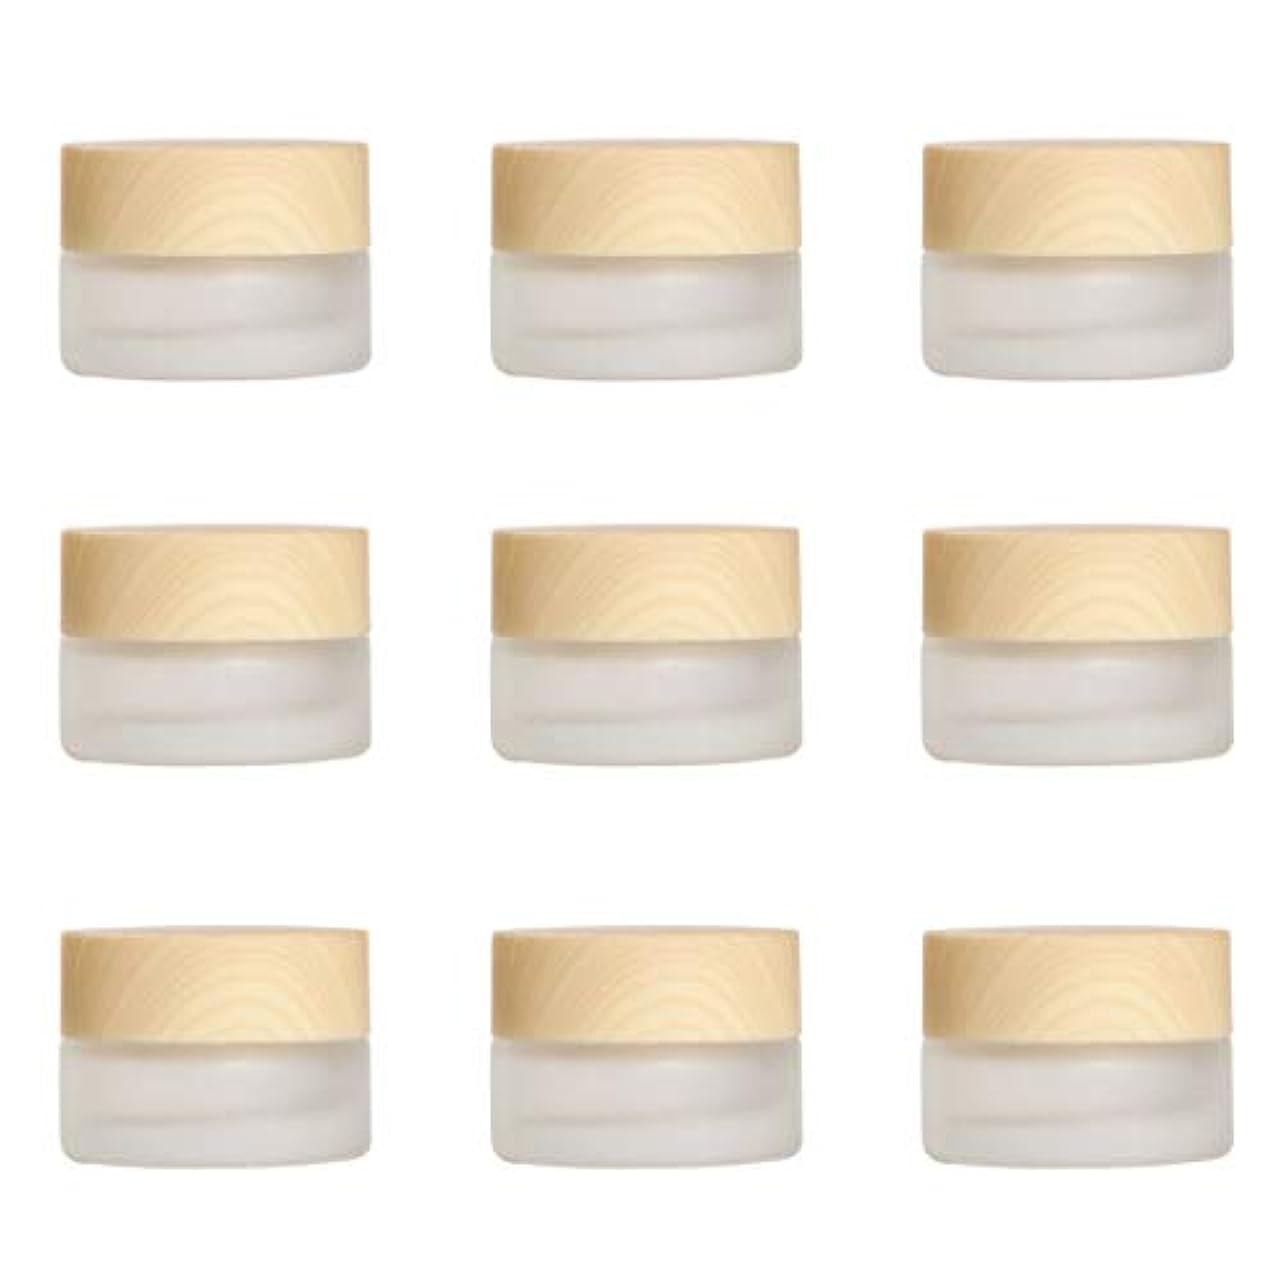 放棄されたレンド降雨Yiteng スポイト遮光瓶 アロマオイル 精油 香水やアロマの保存 小分け用 遮光瓶 保存 詰替え ガラス製 9本セット (艶消しガラス10g)